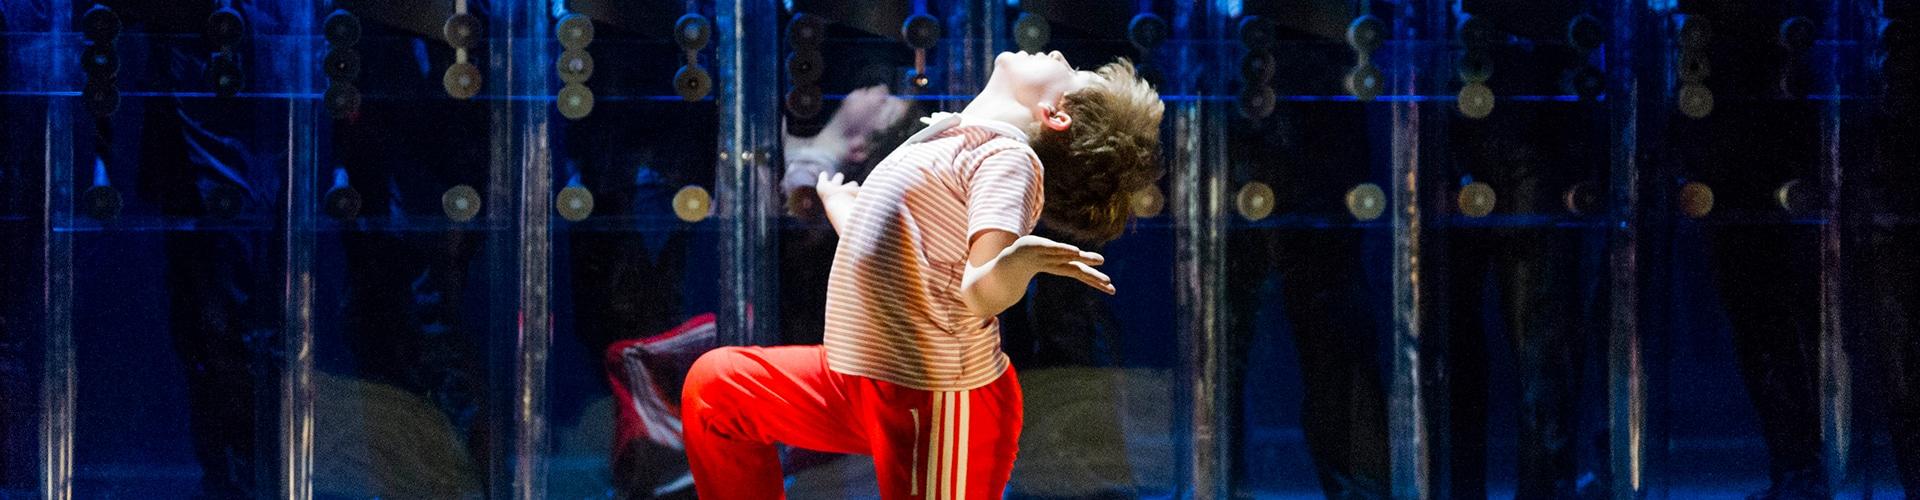 Billy Elliot - Musical Premiere in Hamburg